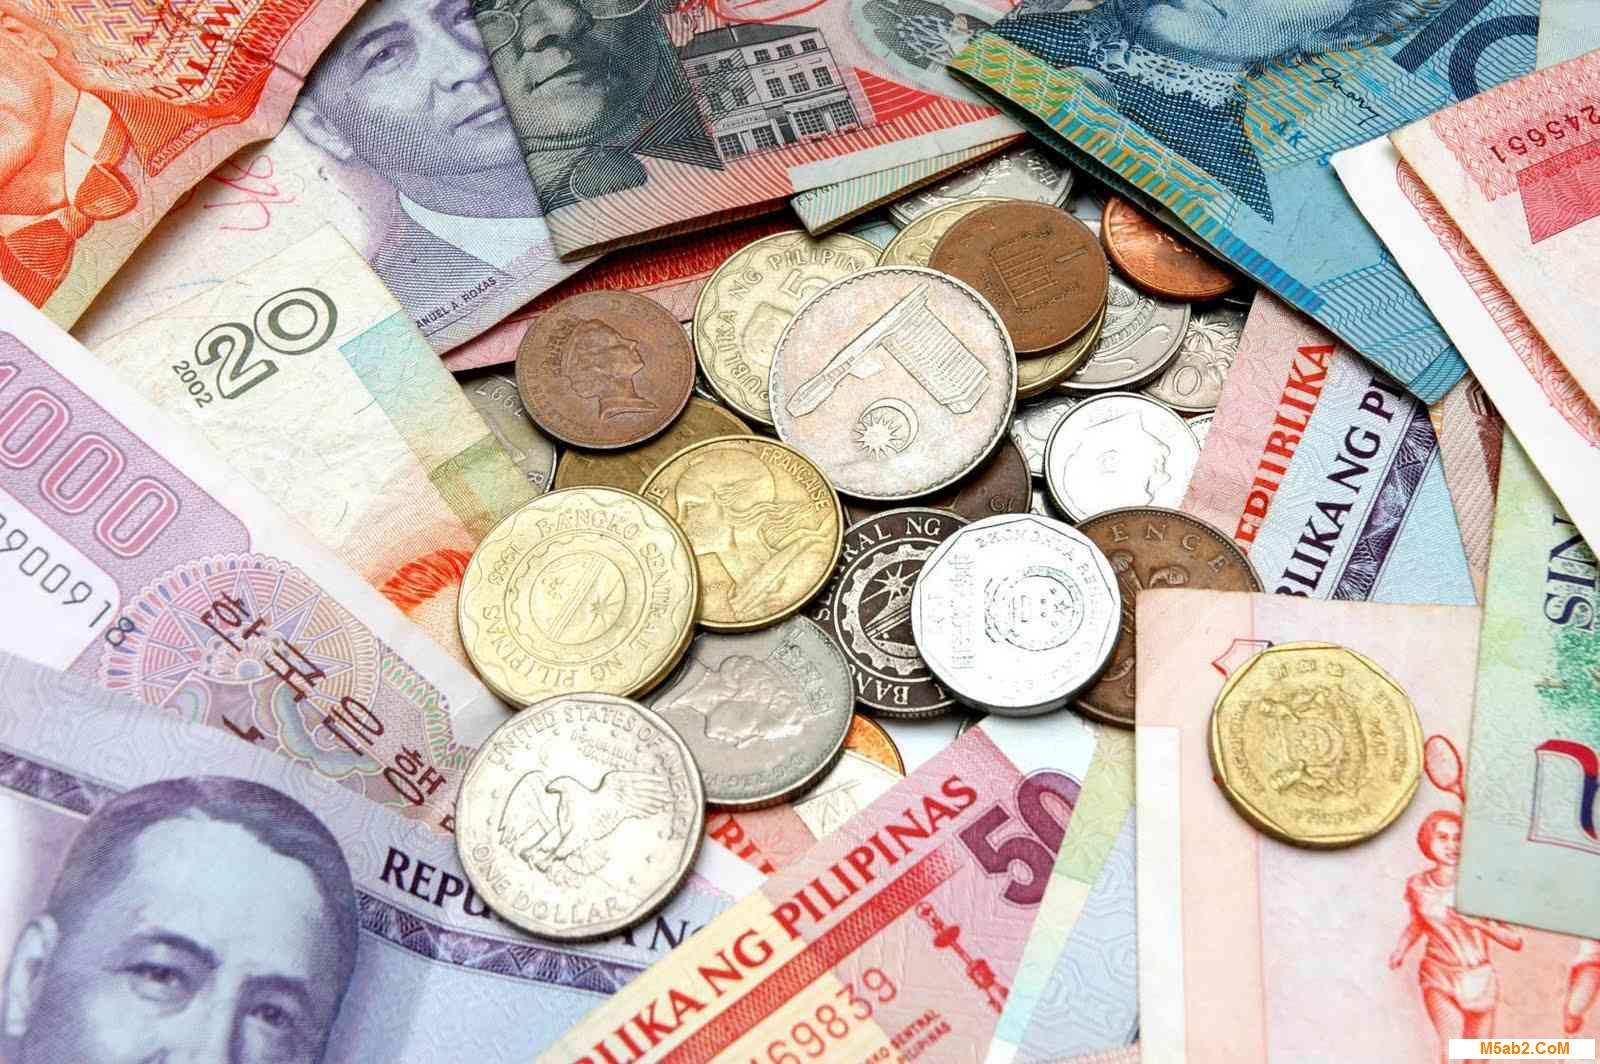 اسعار العملات العربية والاجنبية 2021 اليوم علي مخابئ كل يوم